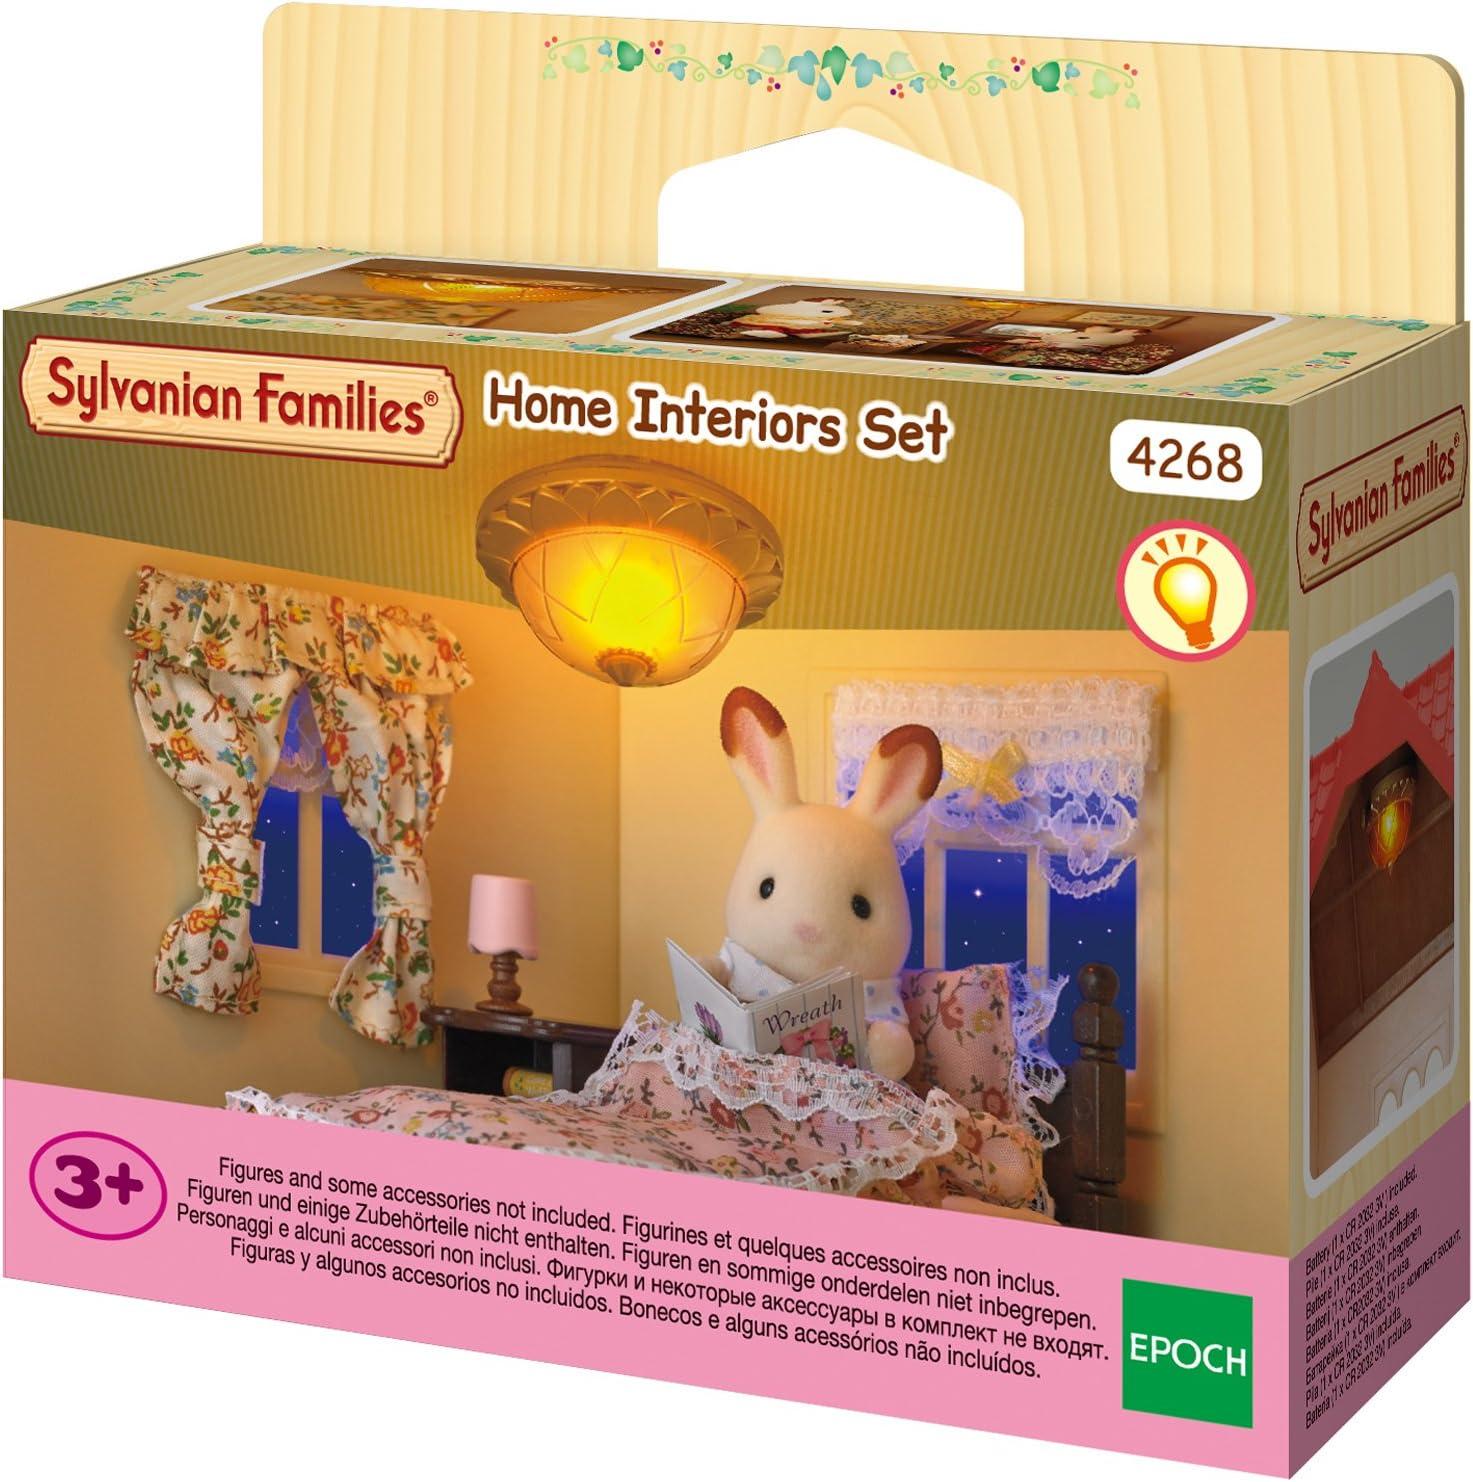 Sylvanian Families home interiors Set